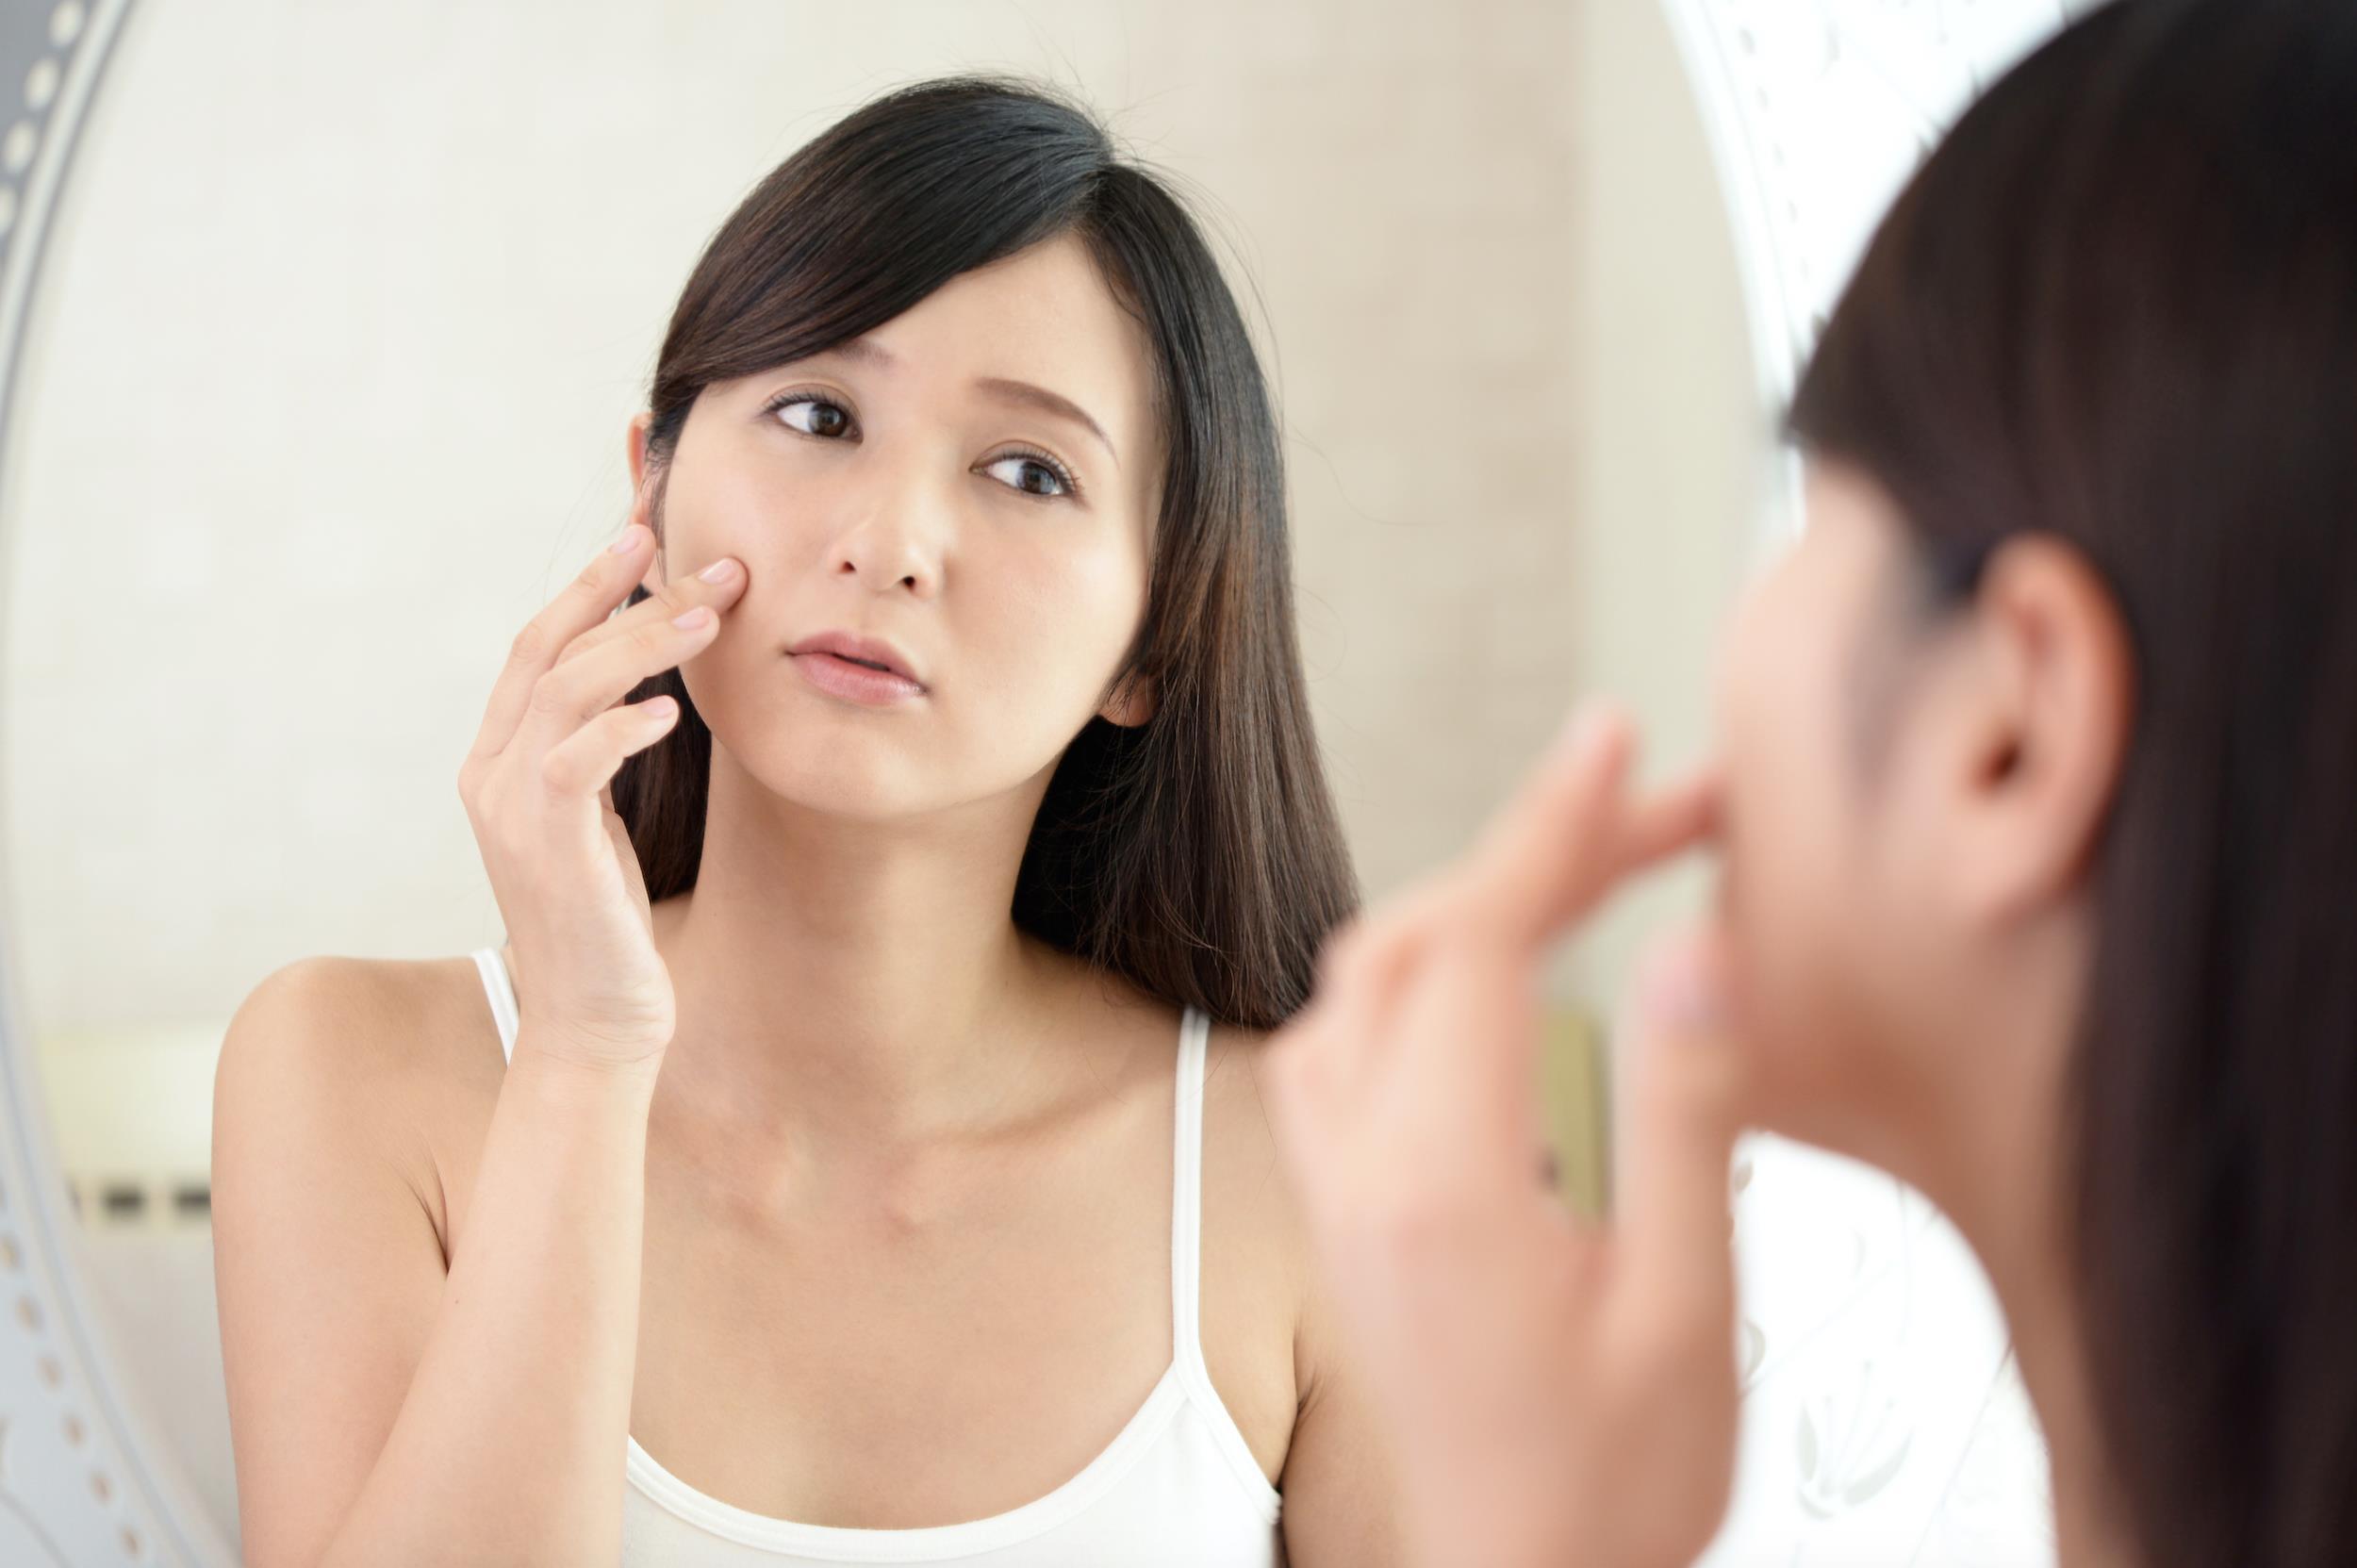 Tẩy trang và rửa mặt trong 1 bước: Là do bạn không biết cách chăm sóc da hay vì lười? - Ảnh 2.